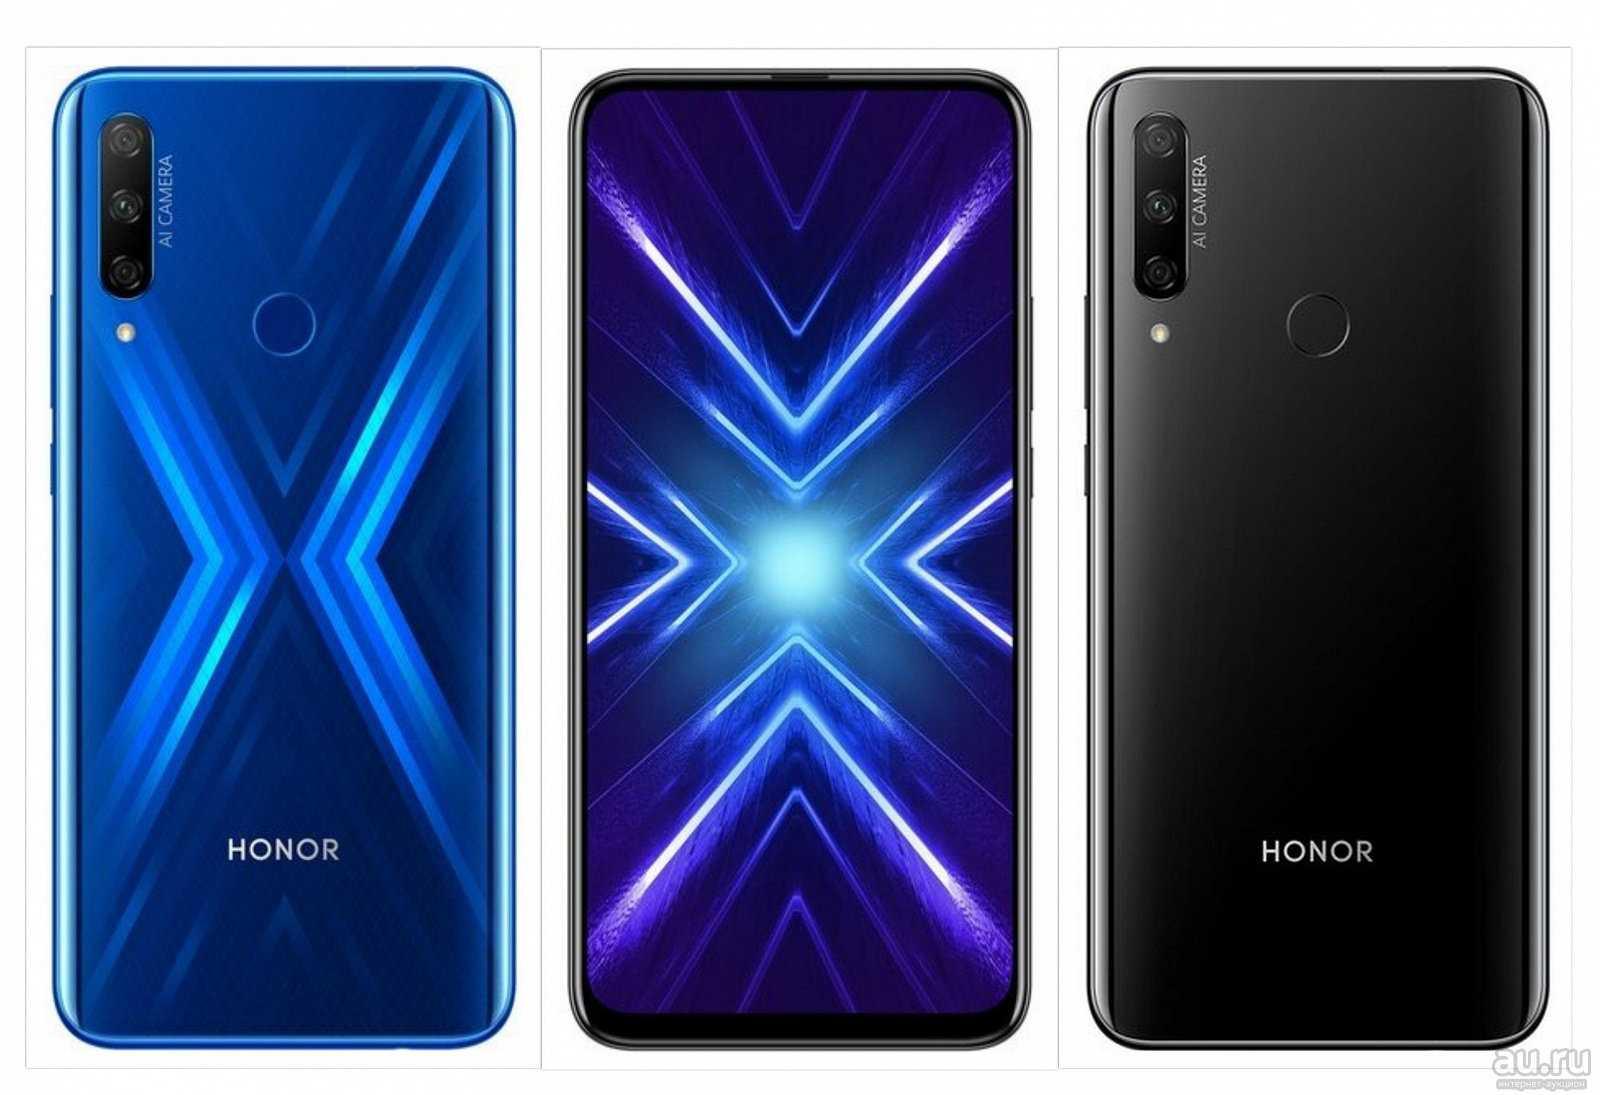 Новые смартфоны honor 9x и 9x pro получат жидкостное охлаждение